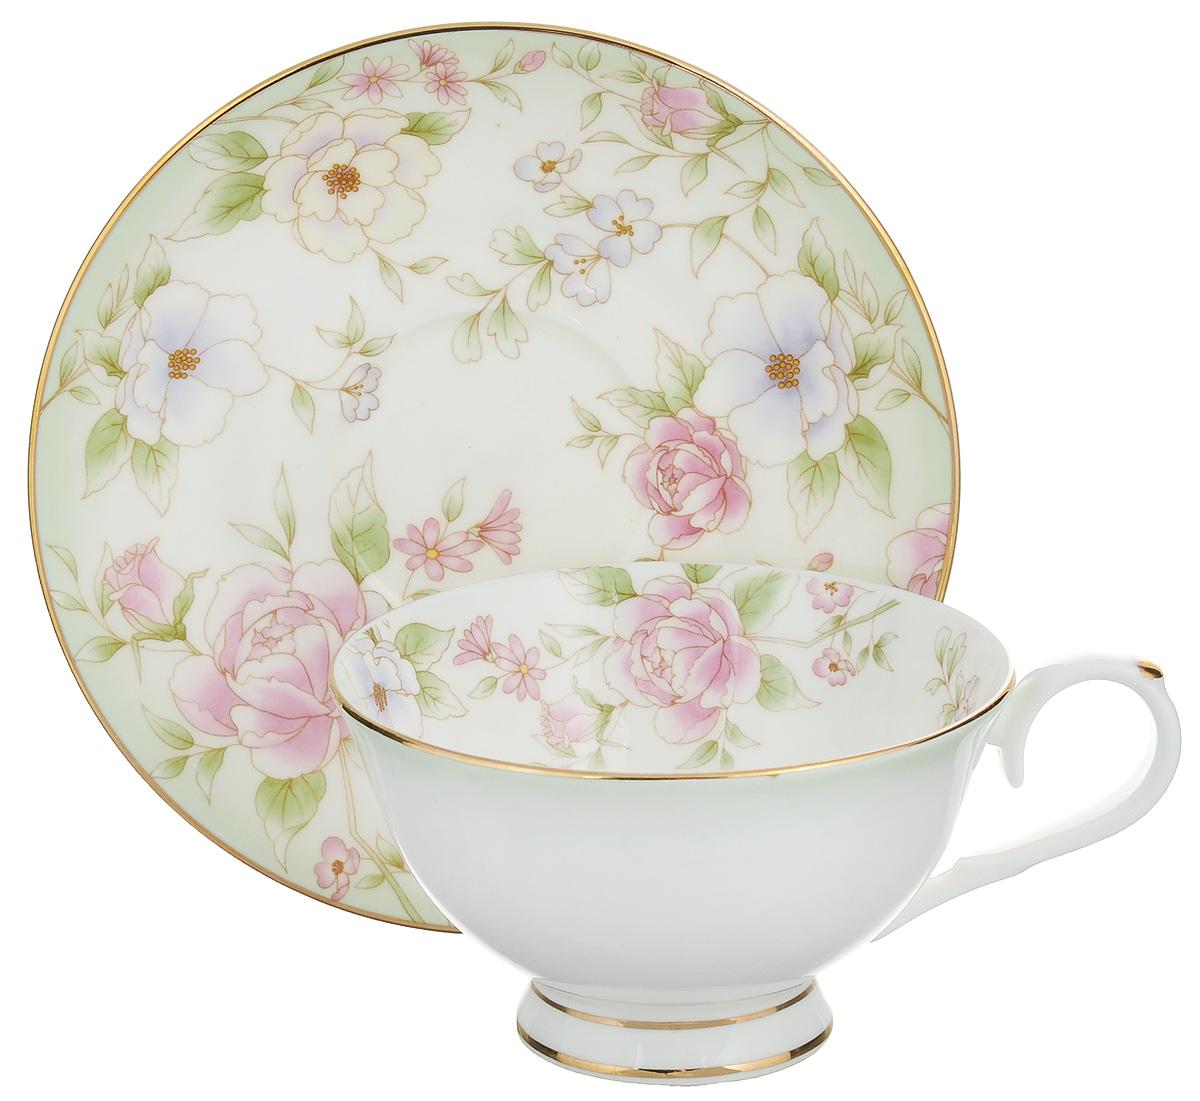 Чайная пара Elan Gallery Карнавал цветов, 2 предмета530039Чайная пара Elan Gallery Карнавал цветов состоит из чашки и блюдца, изготовленных из керамики высшего качества, отличающегося необыкновенной прочностью и небольшим весом. Яркий дизайн, несомненно, придется вам по вкусу. Чайная пара Elan Gallery Карнавал цветов украсит ваш кухонный стол, а также станет замечательным подарком к любому празднику. Не рекомендуется применять абразивные моющие средства. Не использовать в микроволновой печи. Объем чашки: 230 мл. Диаметр чашки (по верхнему краю): 10,5 см. Высота чашки: 6,5 см. Диаметр блюдца: 15 см. Высота блюдца: 2 см.